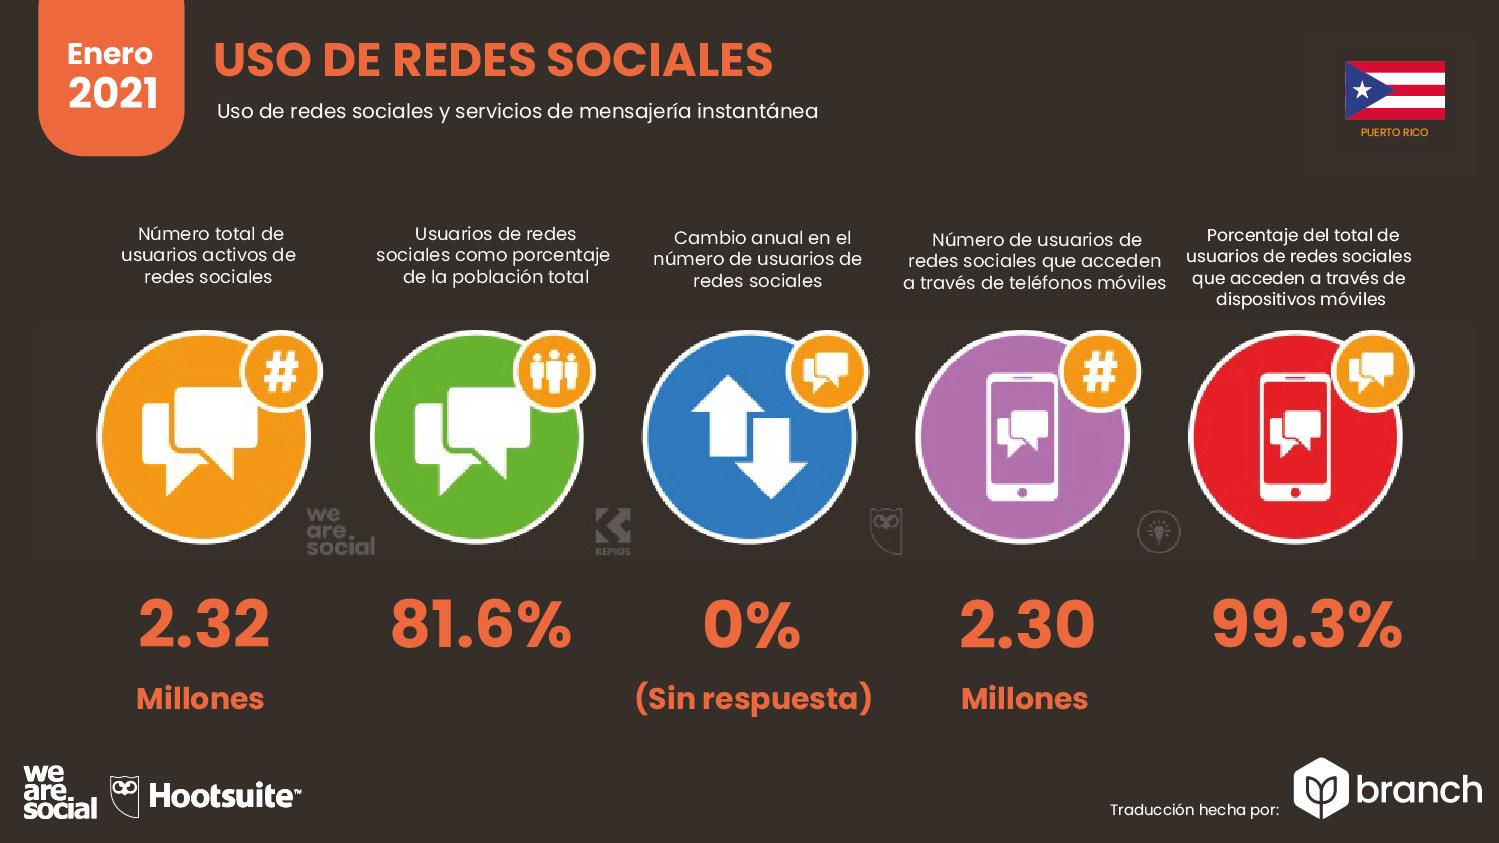 uso-de-redes-sociales-puerto-rico-2020-2021